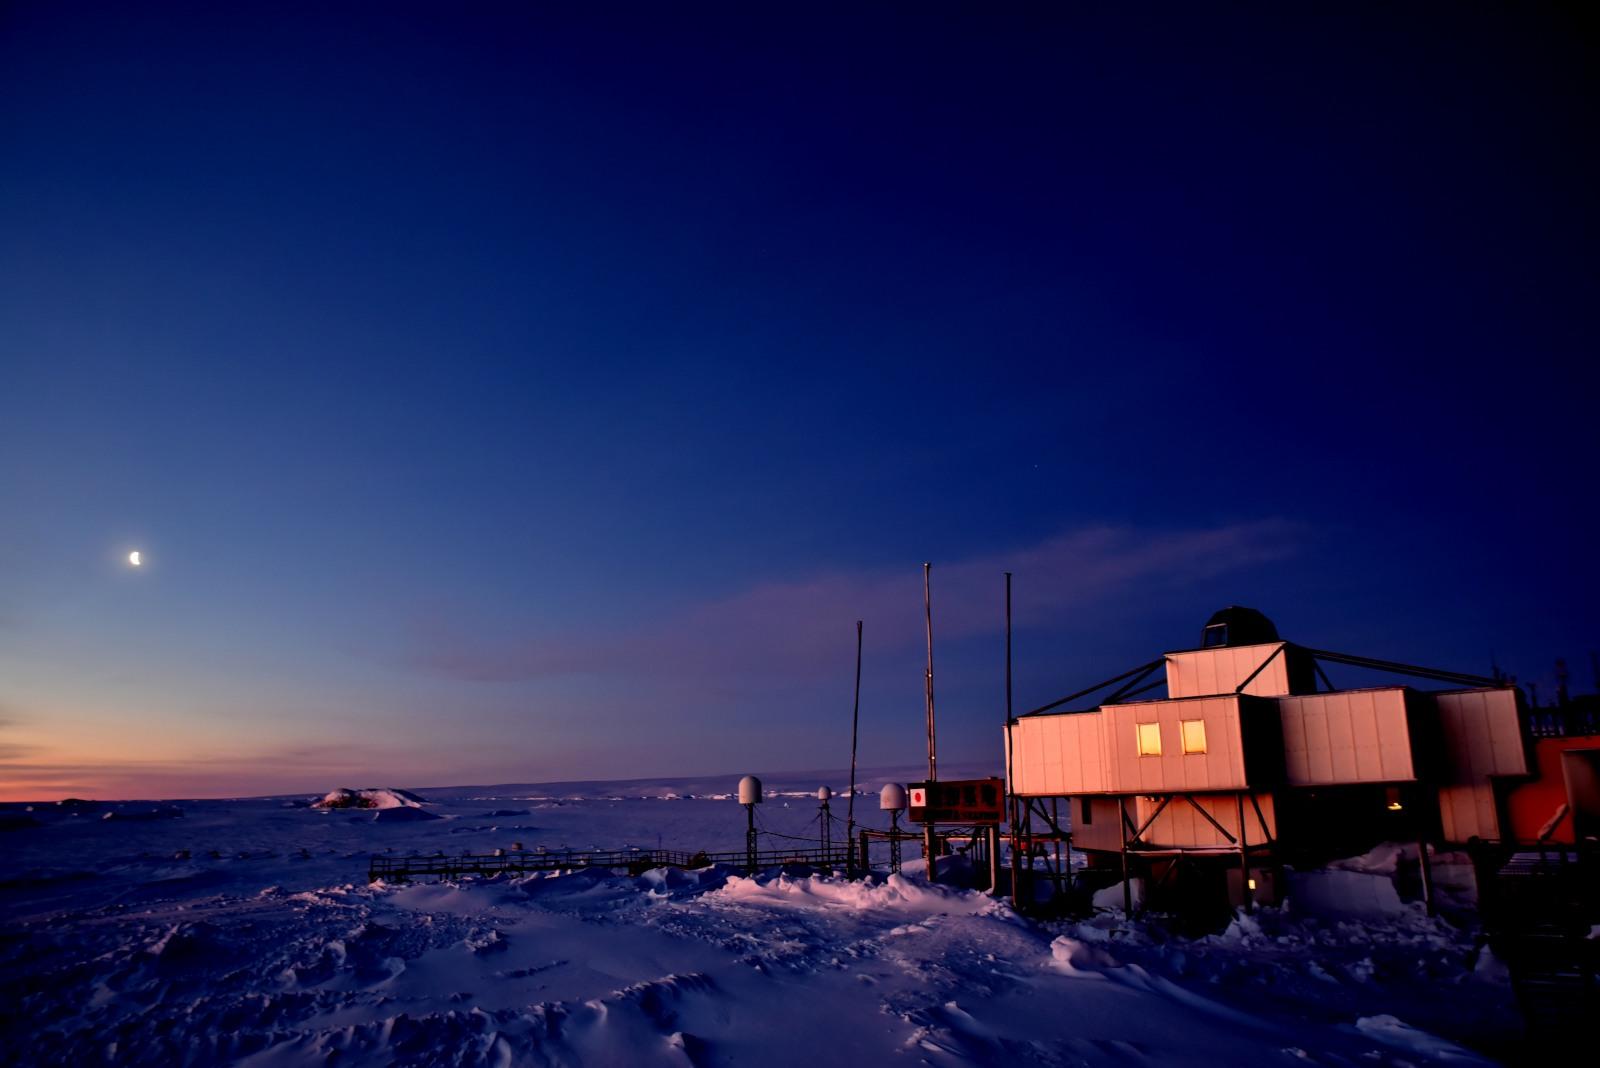 極 夜 大陸 コード 極夜大陸:メテオの彼方の攻略情報一覧(2件)